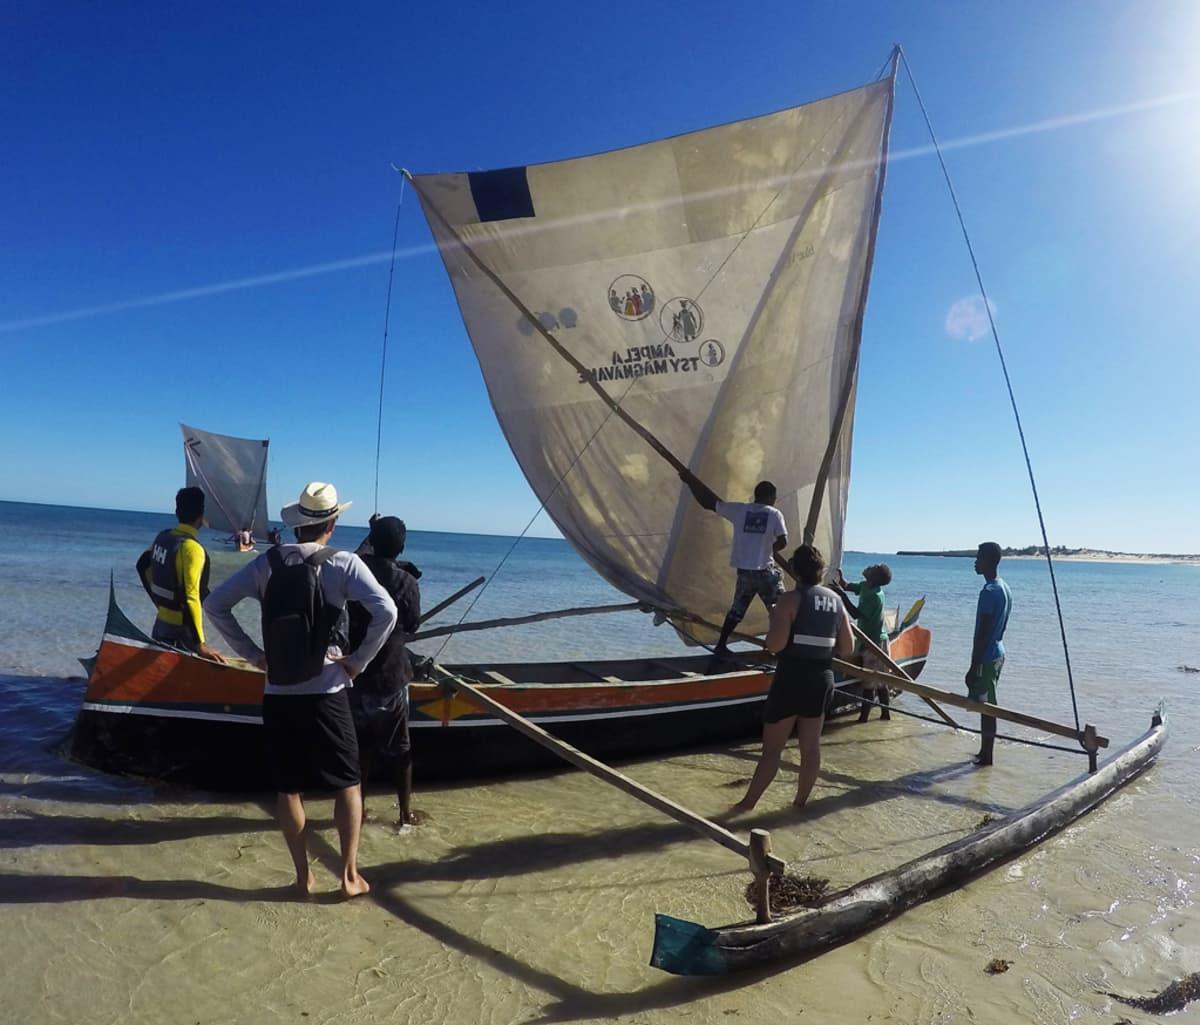 Ihmisiä lähdössä veneilemään madagaskarilaisella purjeveneellä.